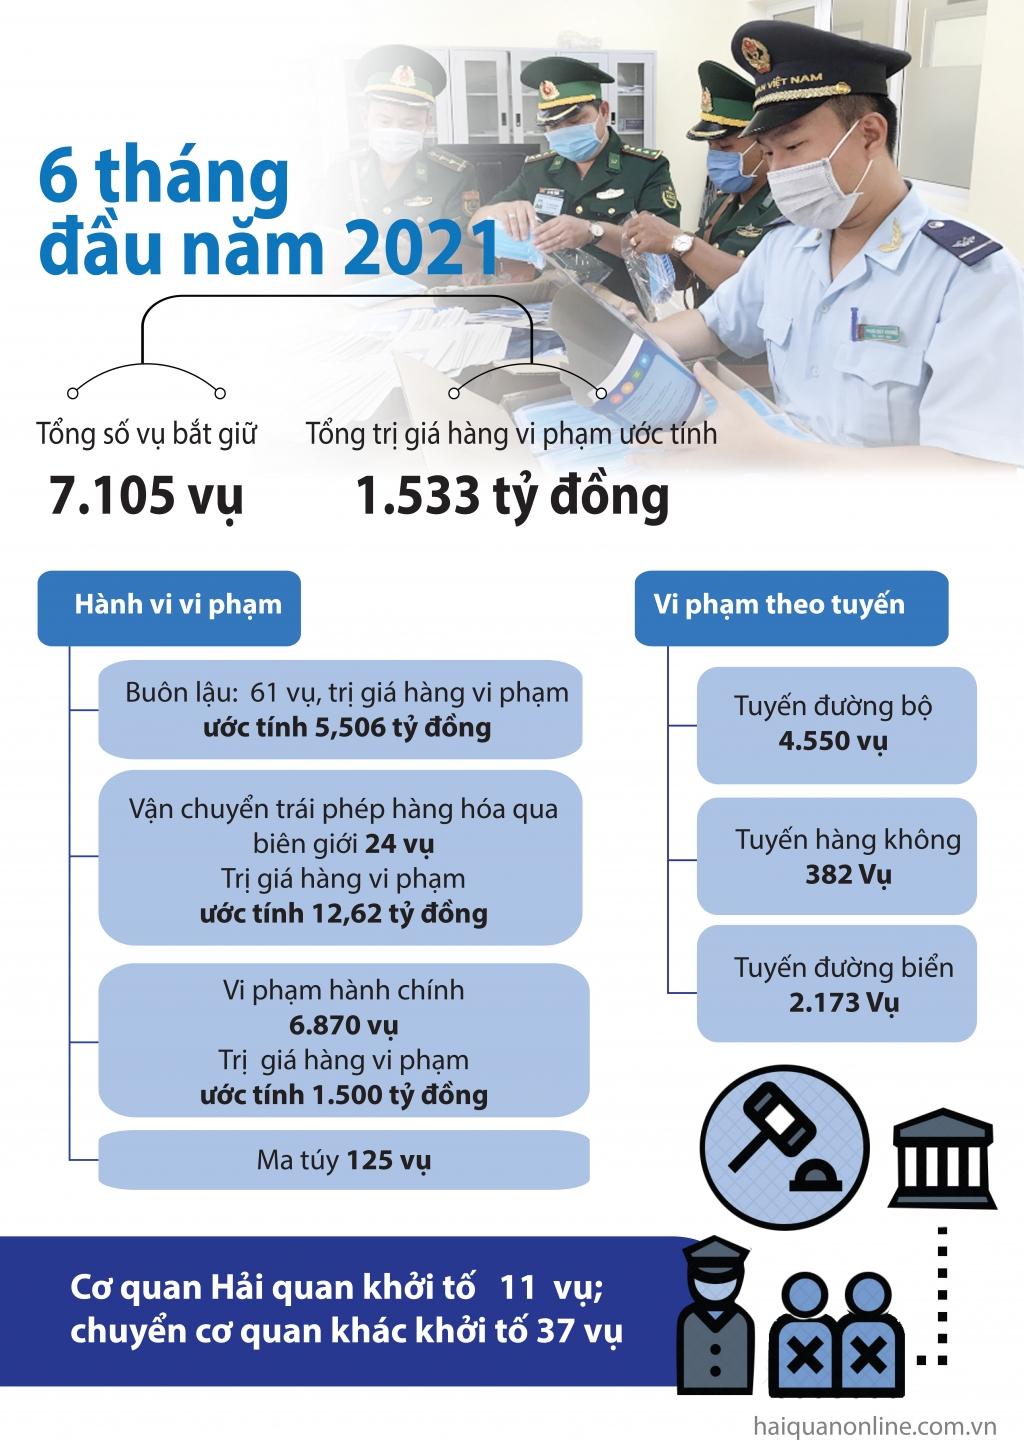 Infographics: Nét nổi bật về xử lý vi phạm trong lĩnh vực hải quan 6 tháng đầu năm